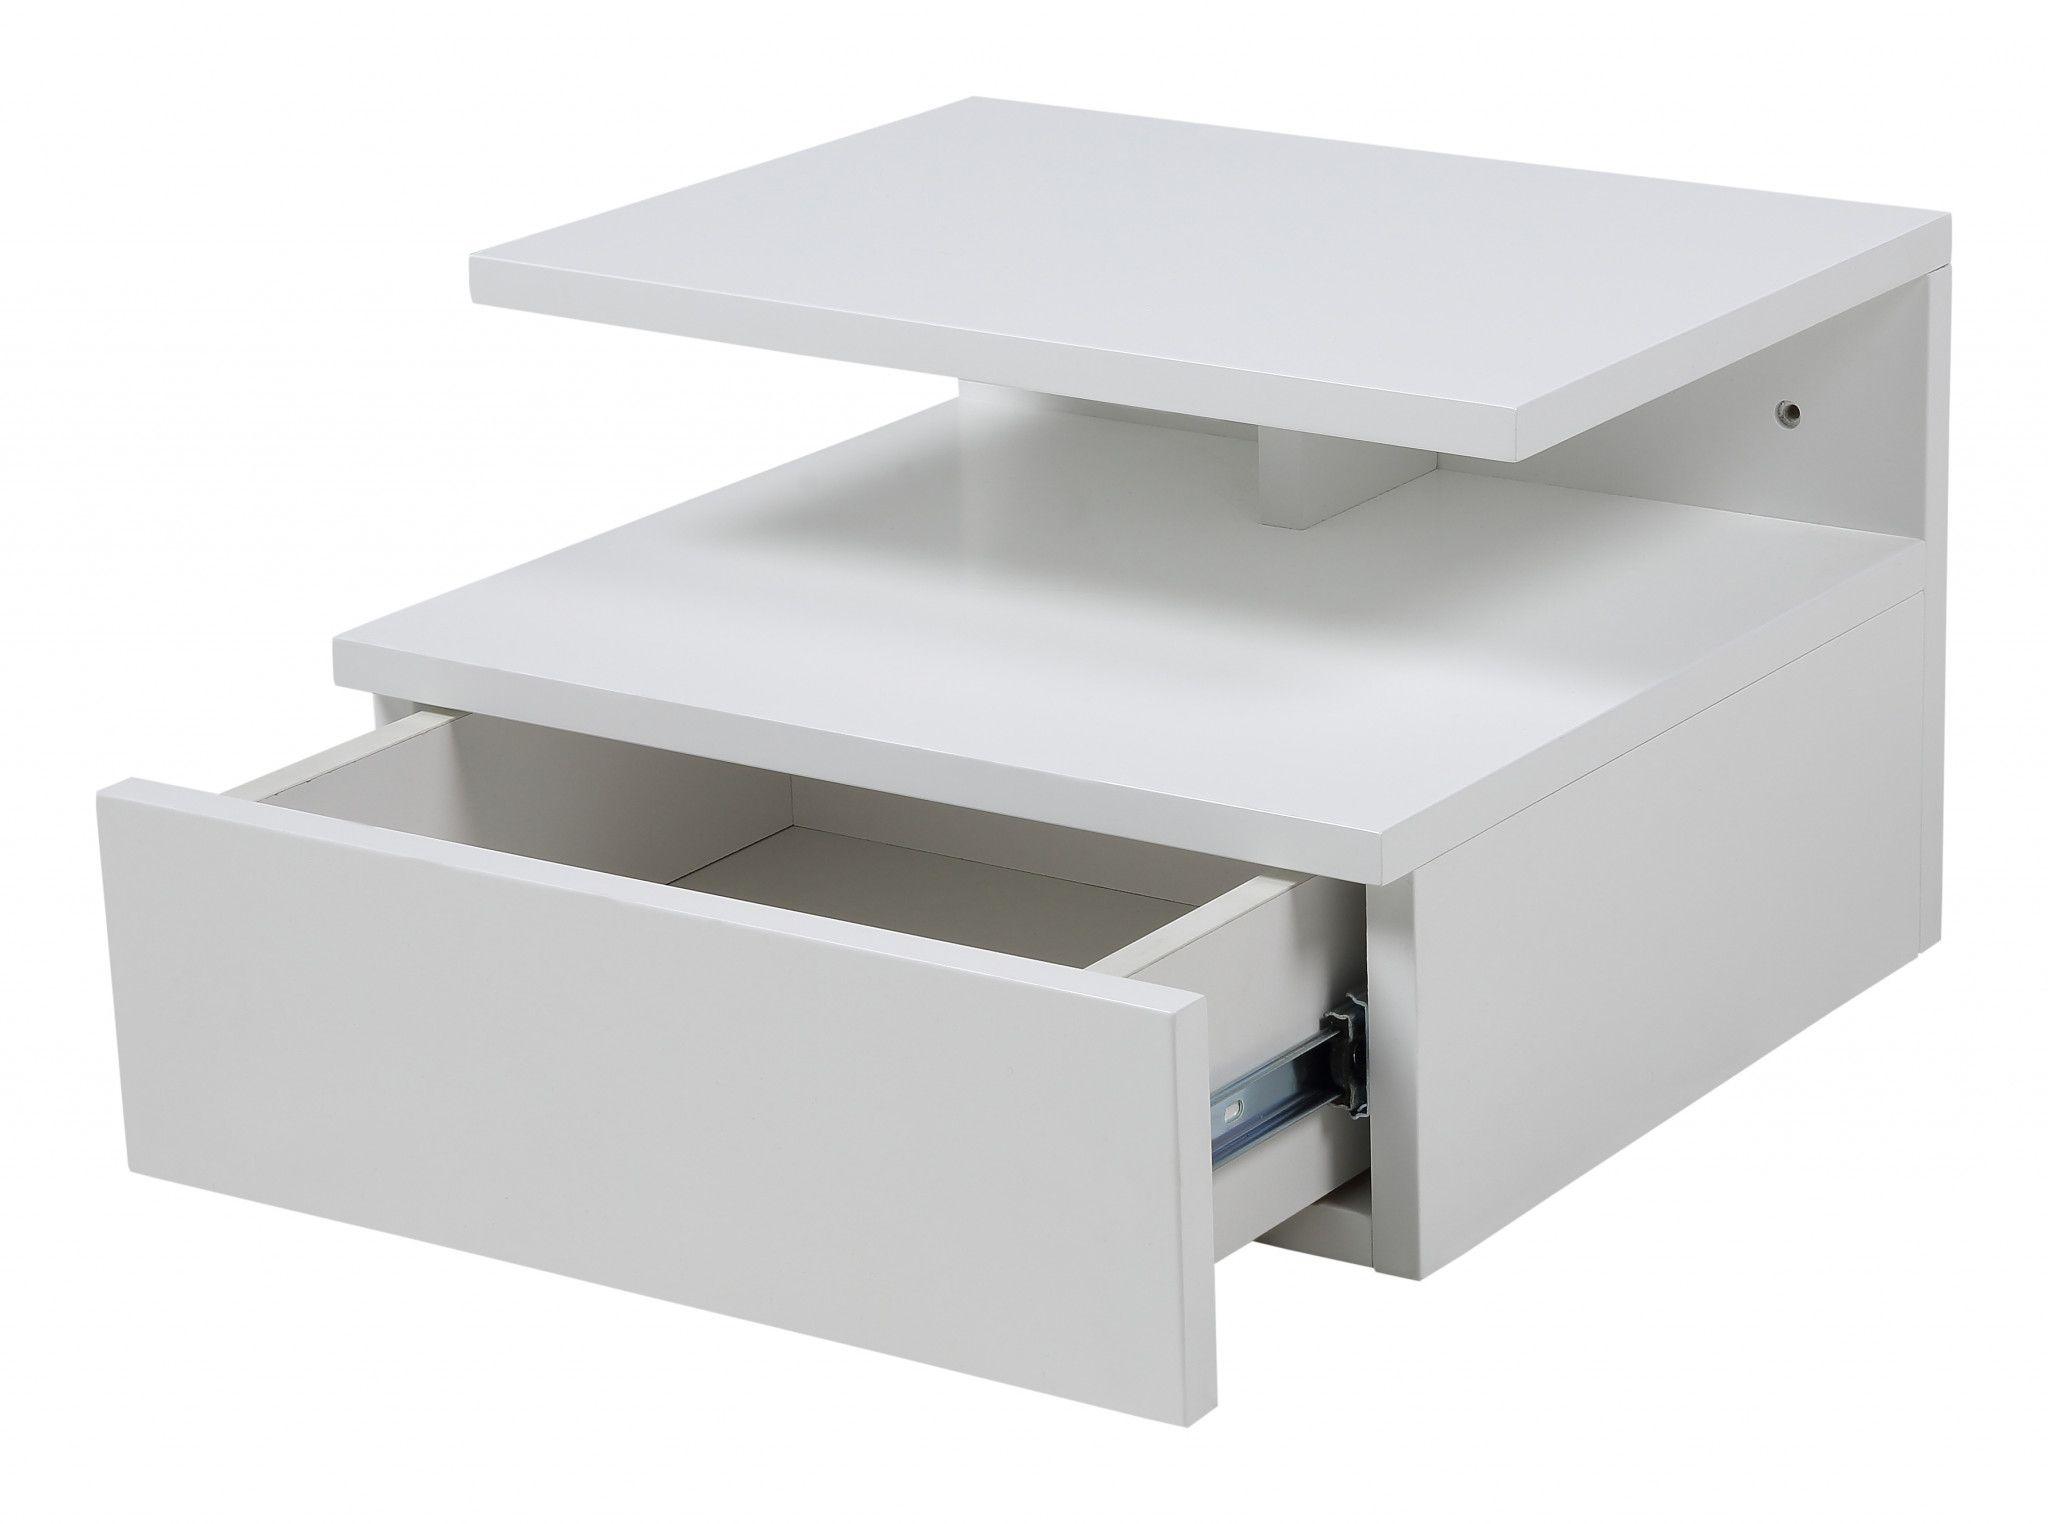 10x Nachtkastje Slaapkamer : Zwevend nachtkastje mat wit slaapkamer nachtkastje